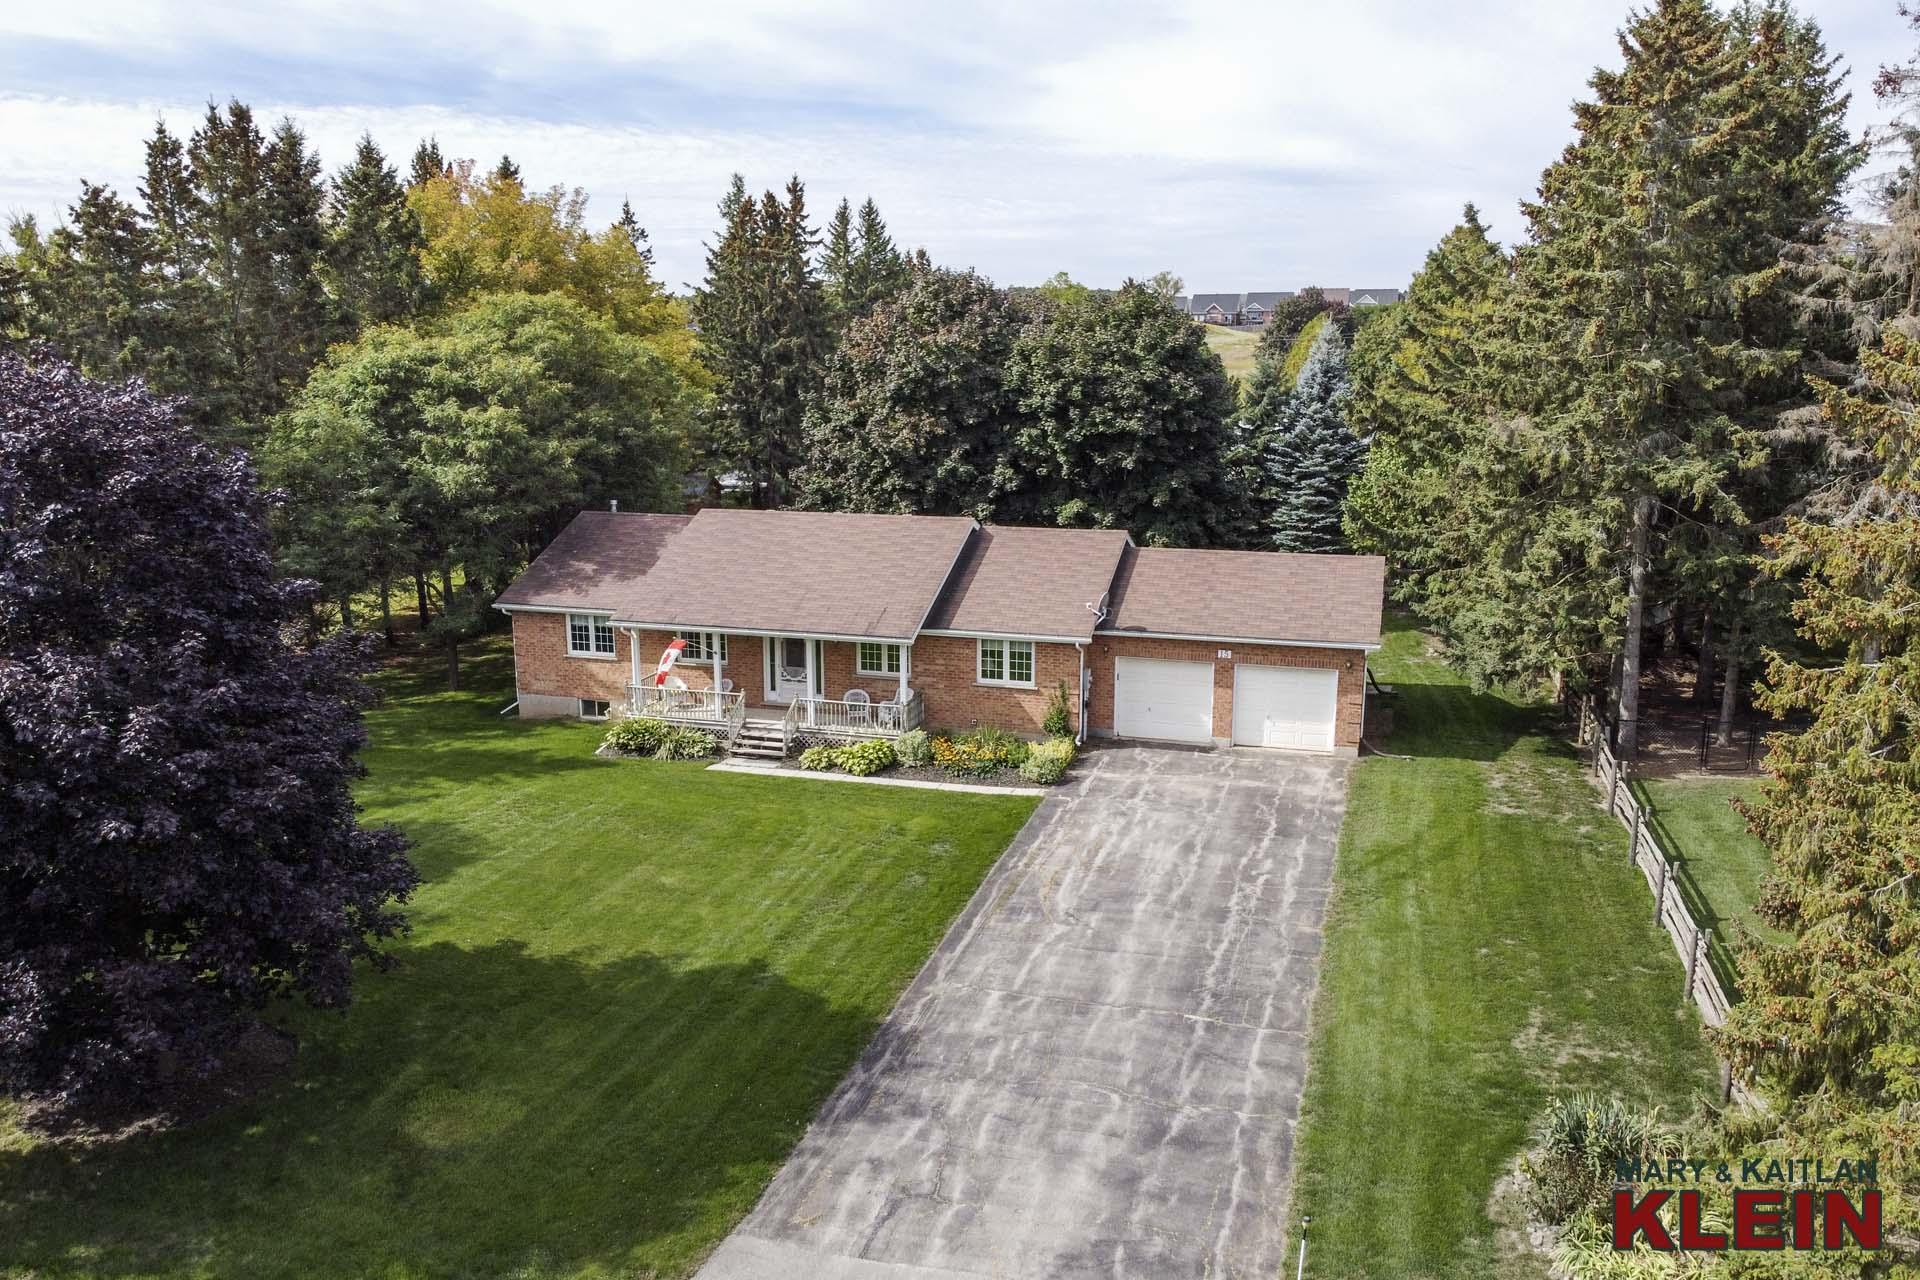 15 Robinson Rd, Mono, ON, Homes for sale, mary klein, kaitlan klein